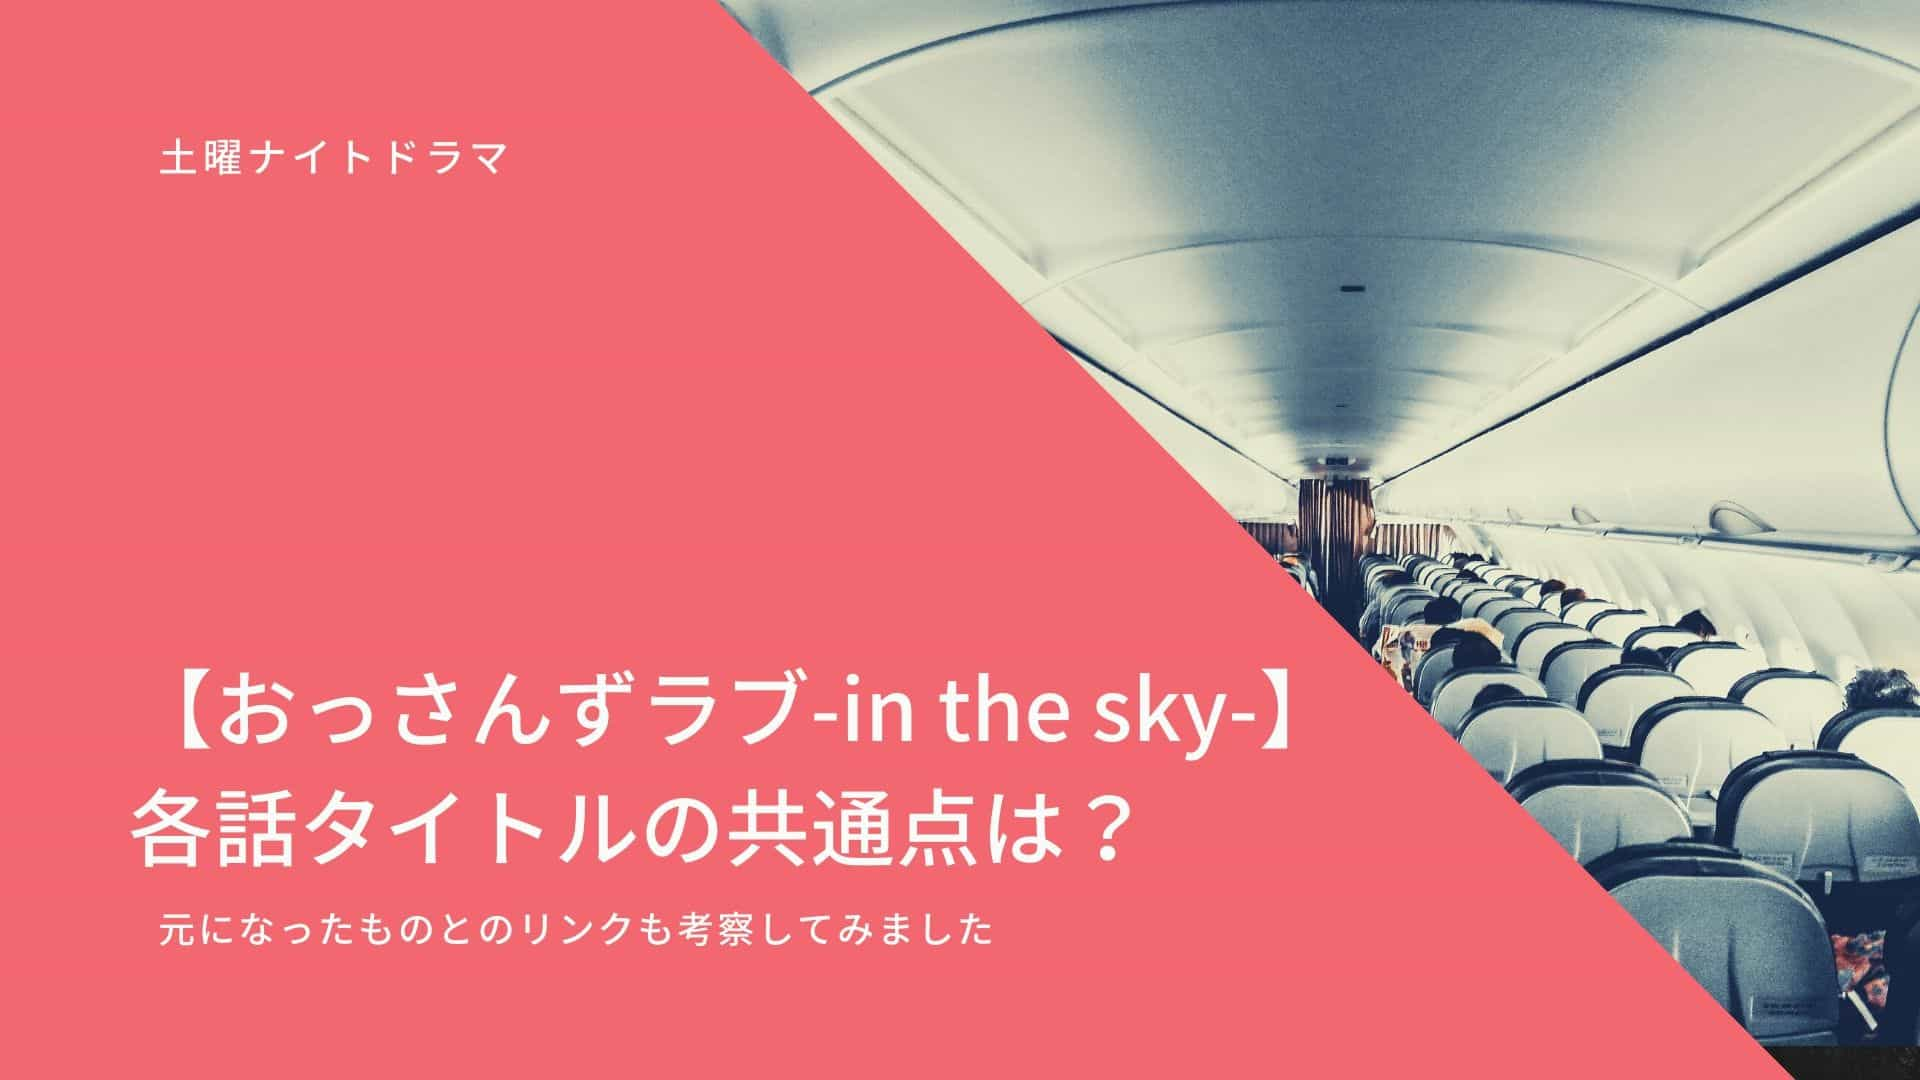 ラブ in ず sky 話 the おっさん 1